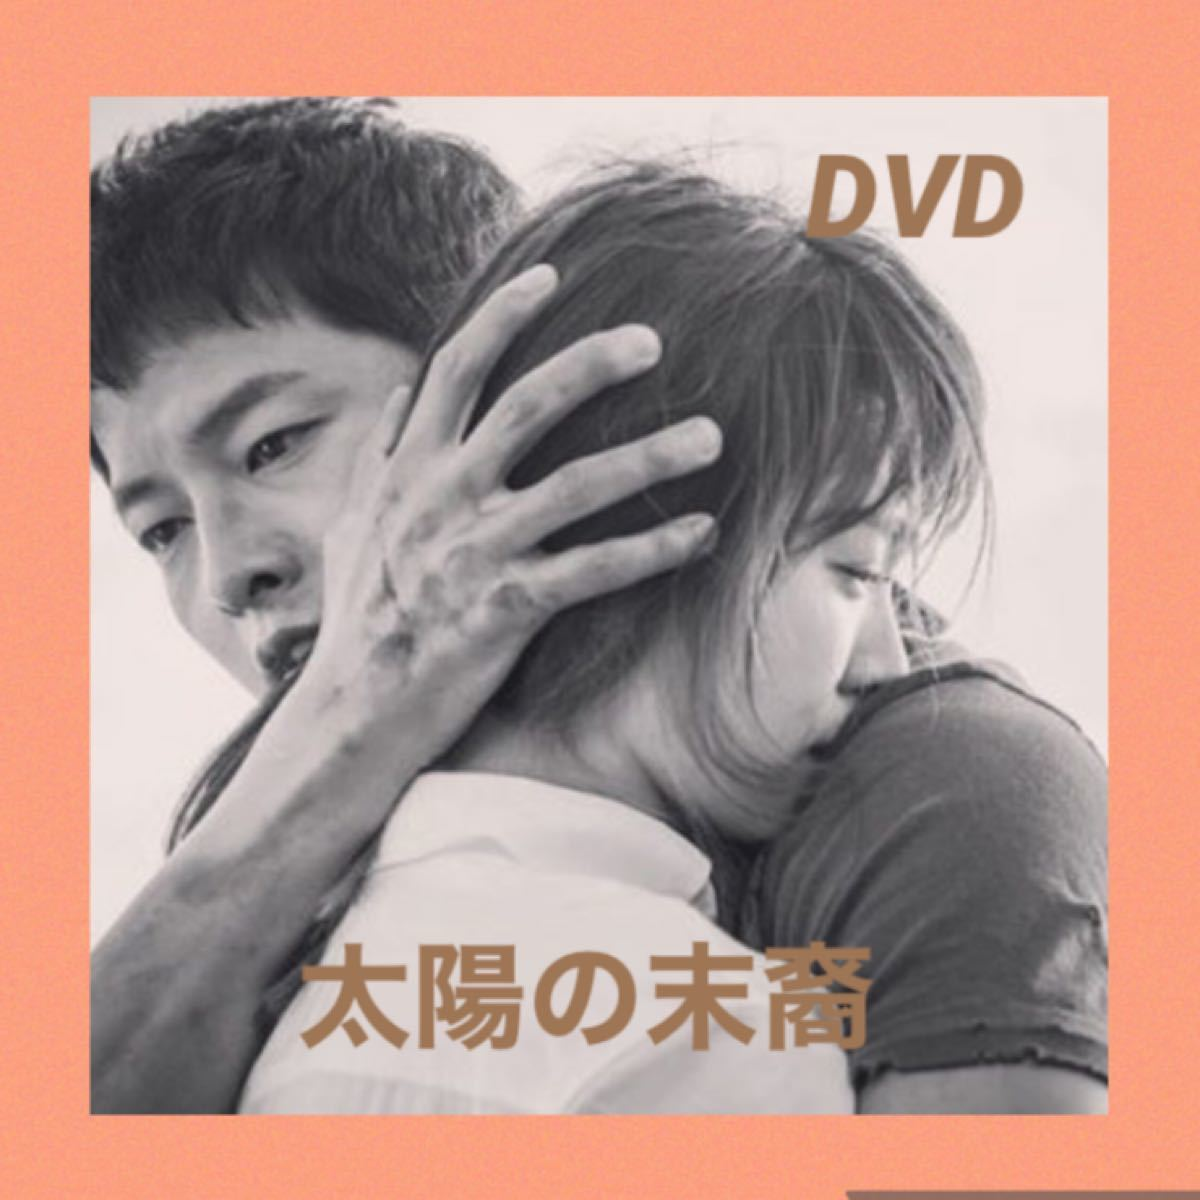 韓国ドラマ 太陽の末裔 DVD全話【レーベル印刷あり】 日本語吹き替えあり  高画質